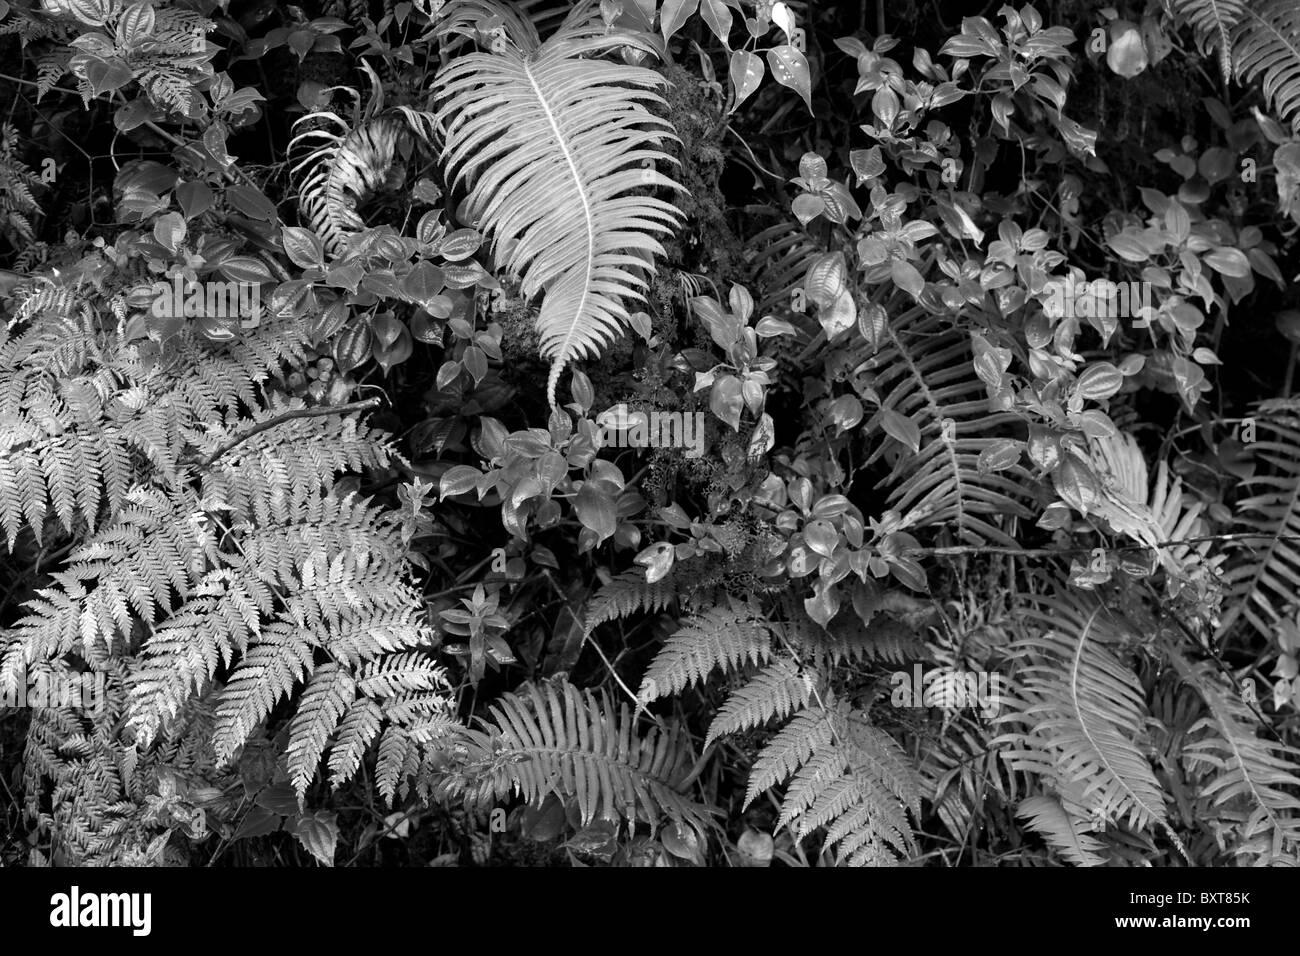 Costa Rica, Volcan Poas National Park, Rainforest vegetation on volcanic slope - Stock Image